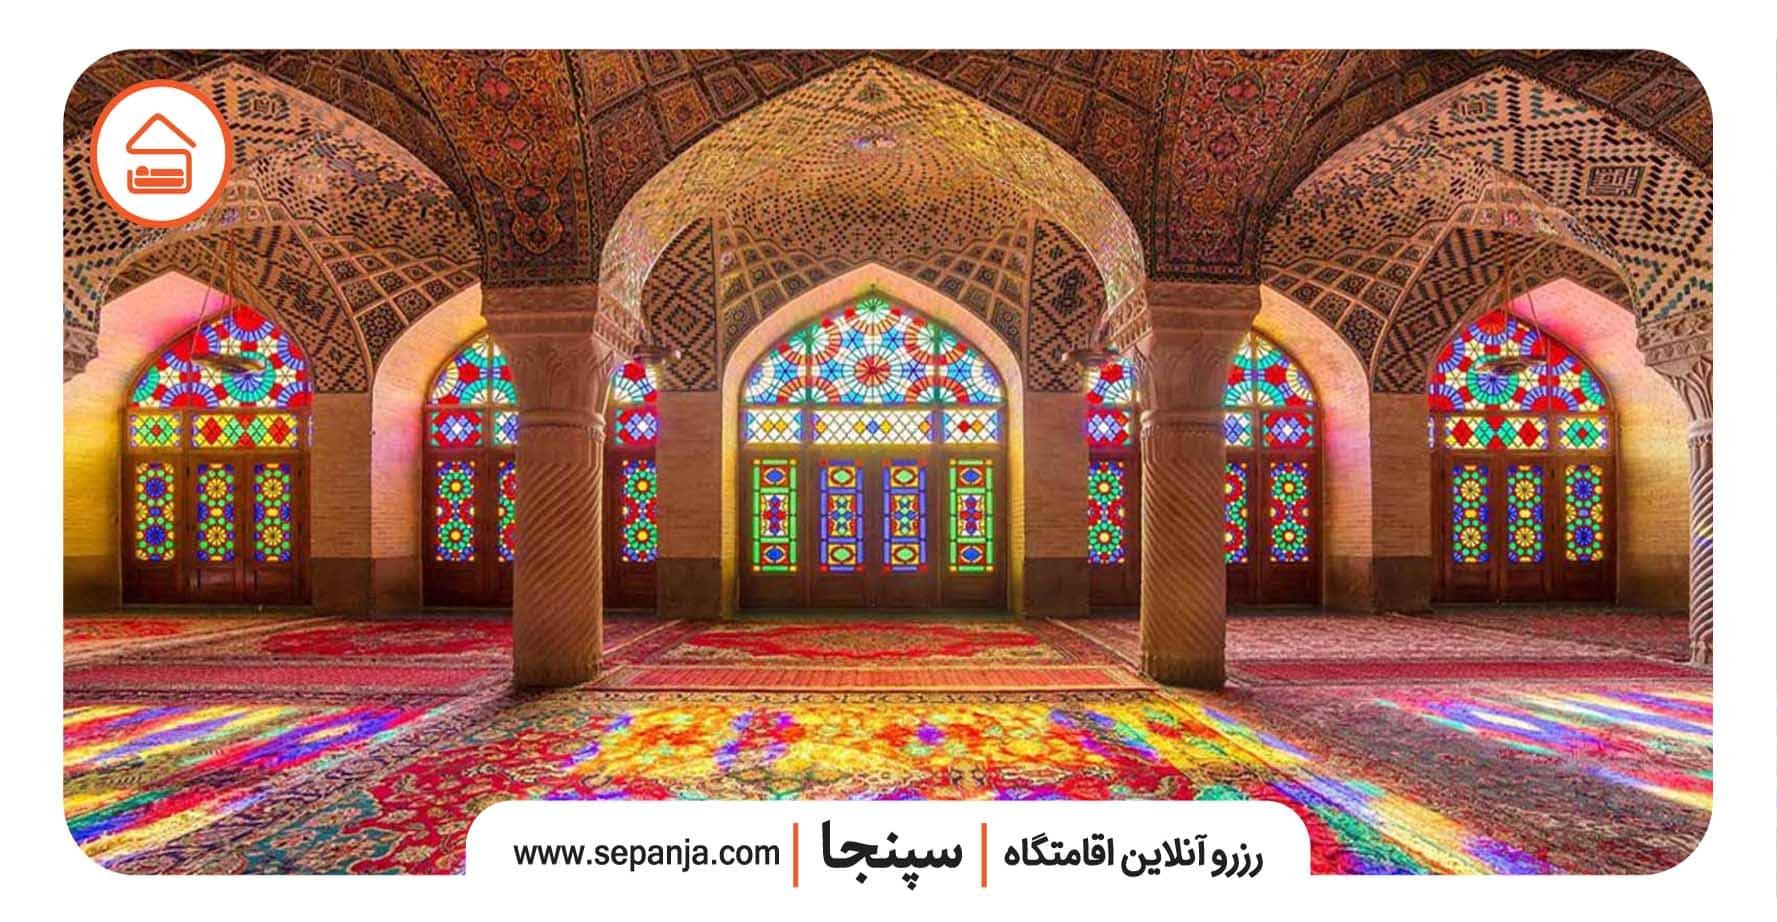 دیدنی های مسجد نصیرالملک شیراز